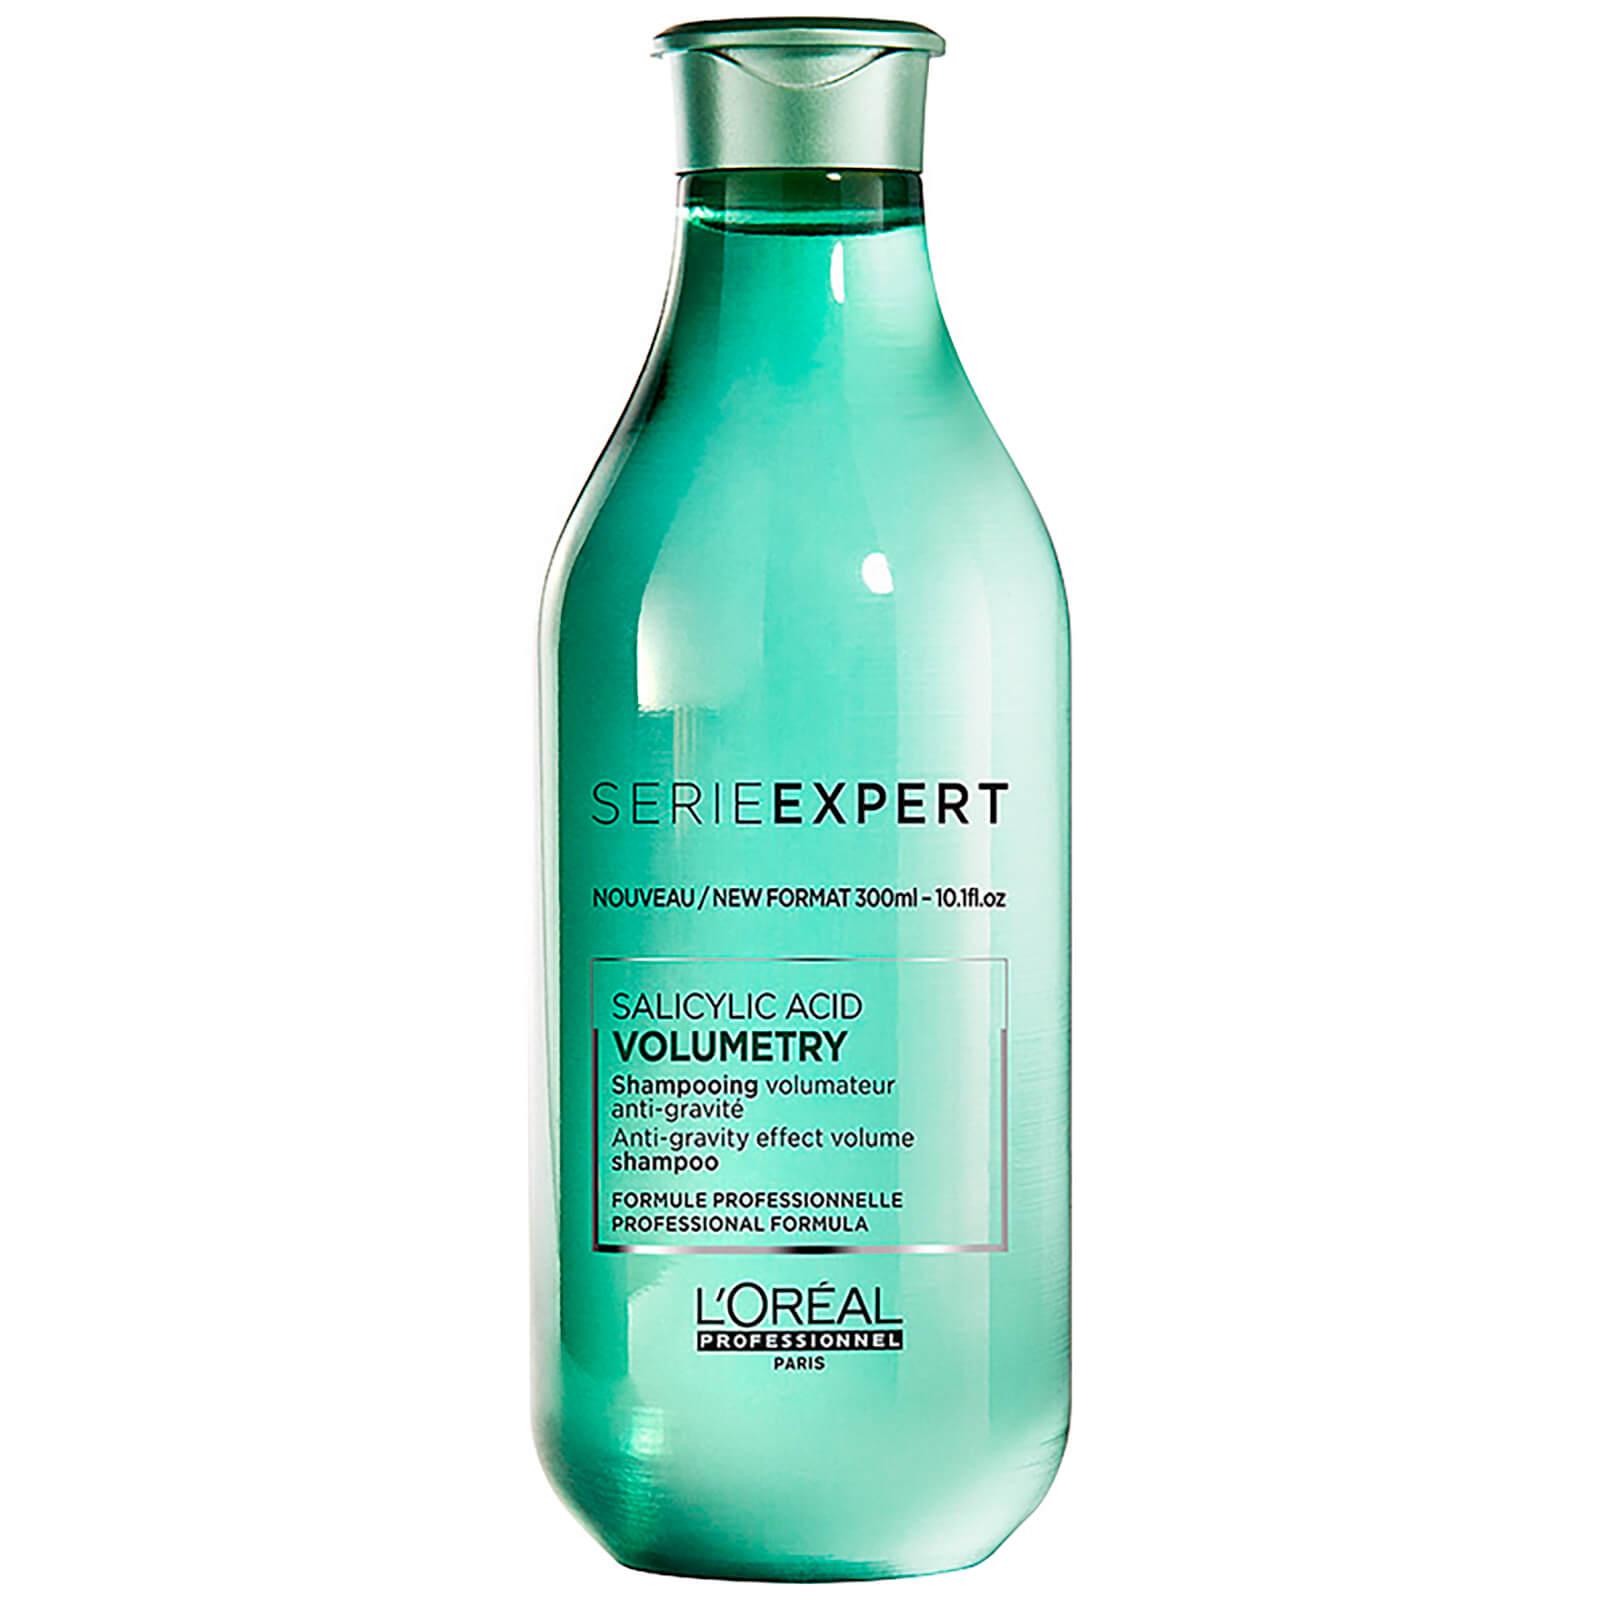 LOréal Professionnel Shampoing Volumetry L'Oréal Professionnel Serie Expert 300ml